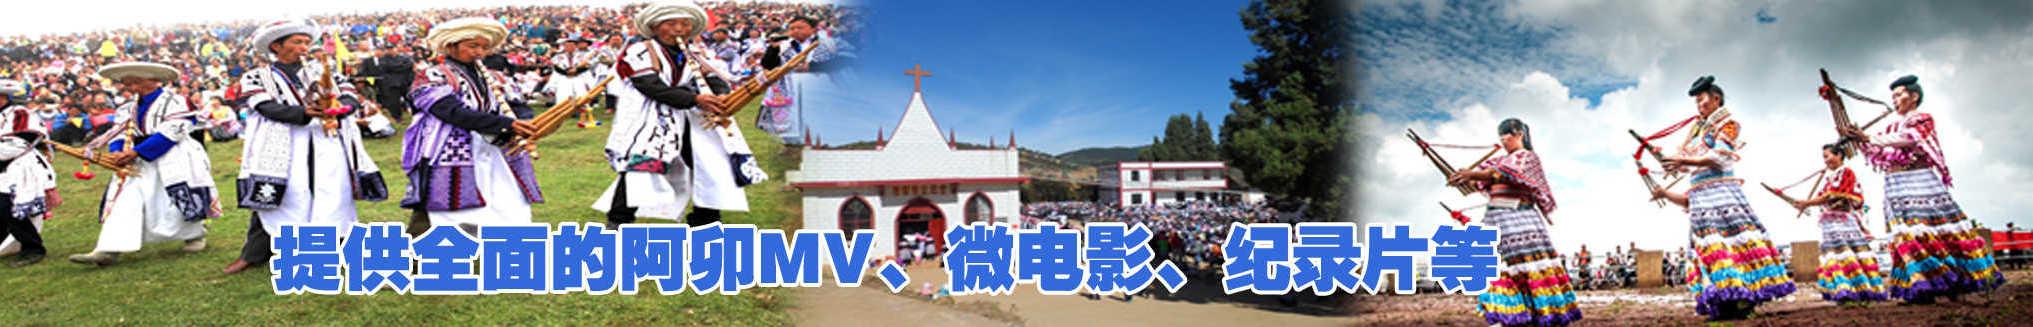 学文摄影 banner